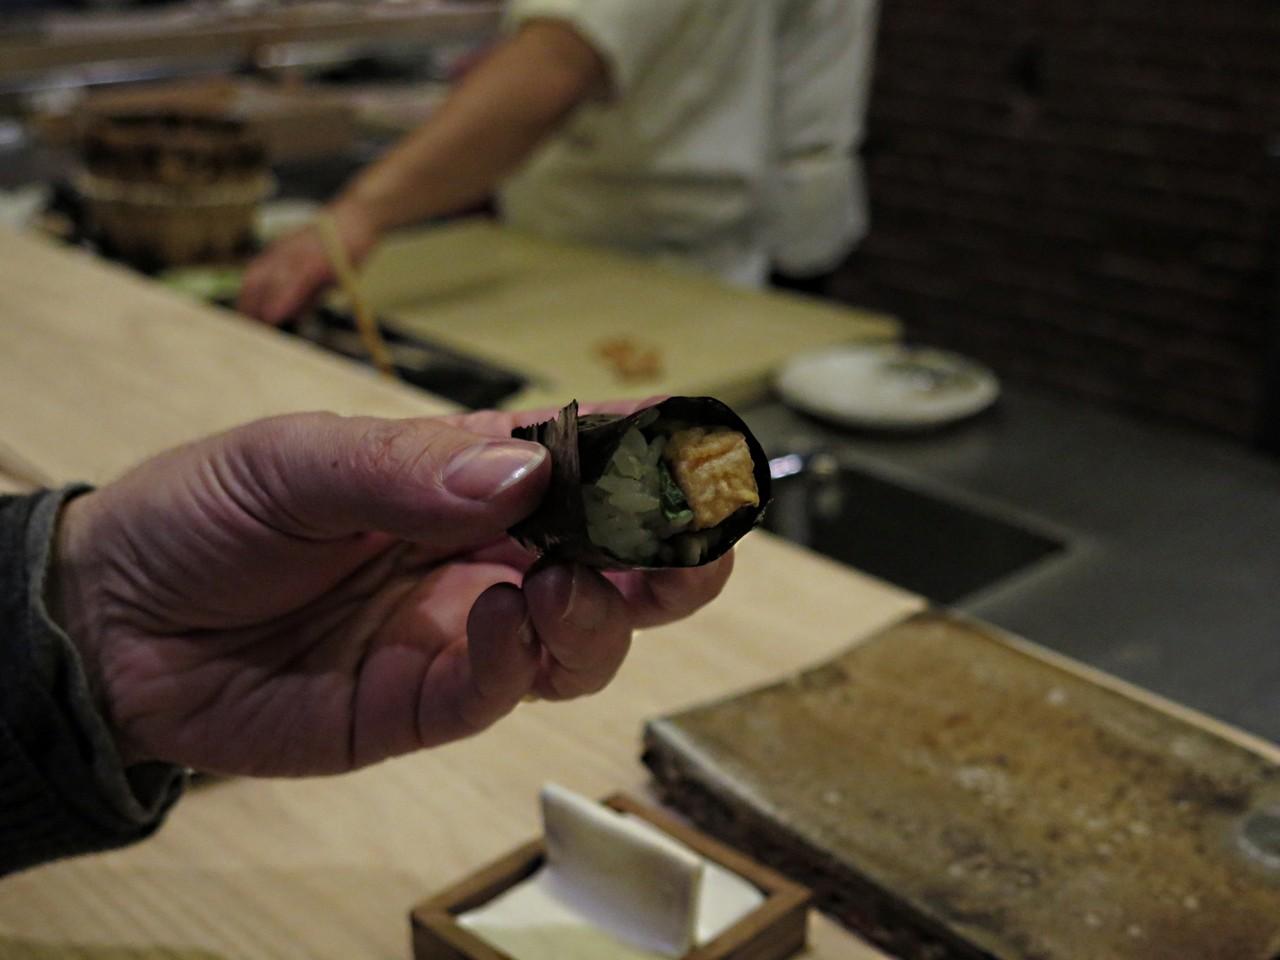 Se o sushi não é cozinha, então é o quê?